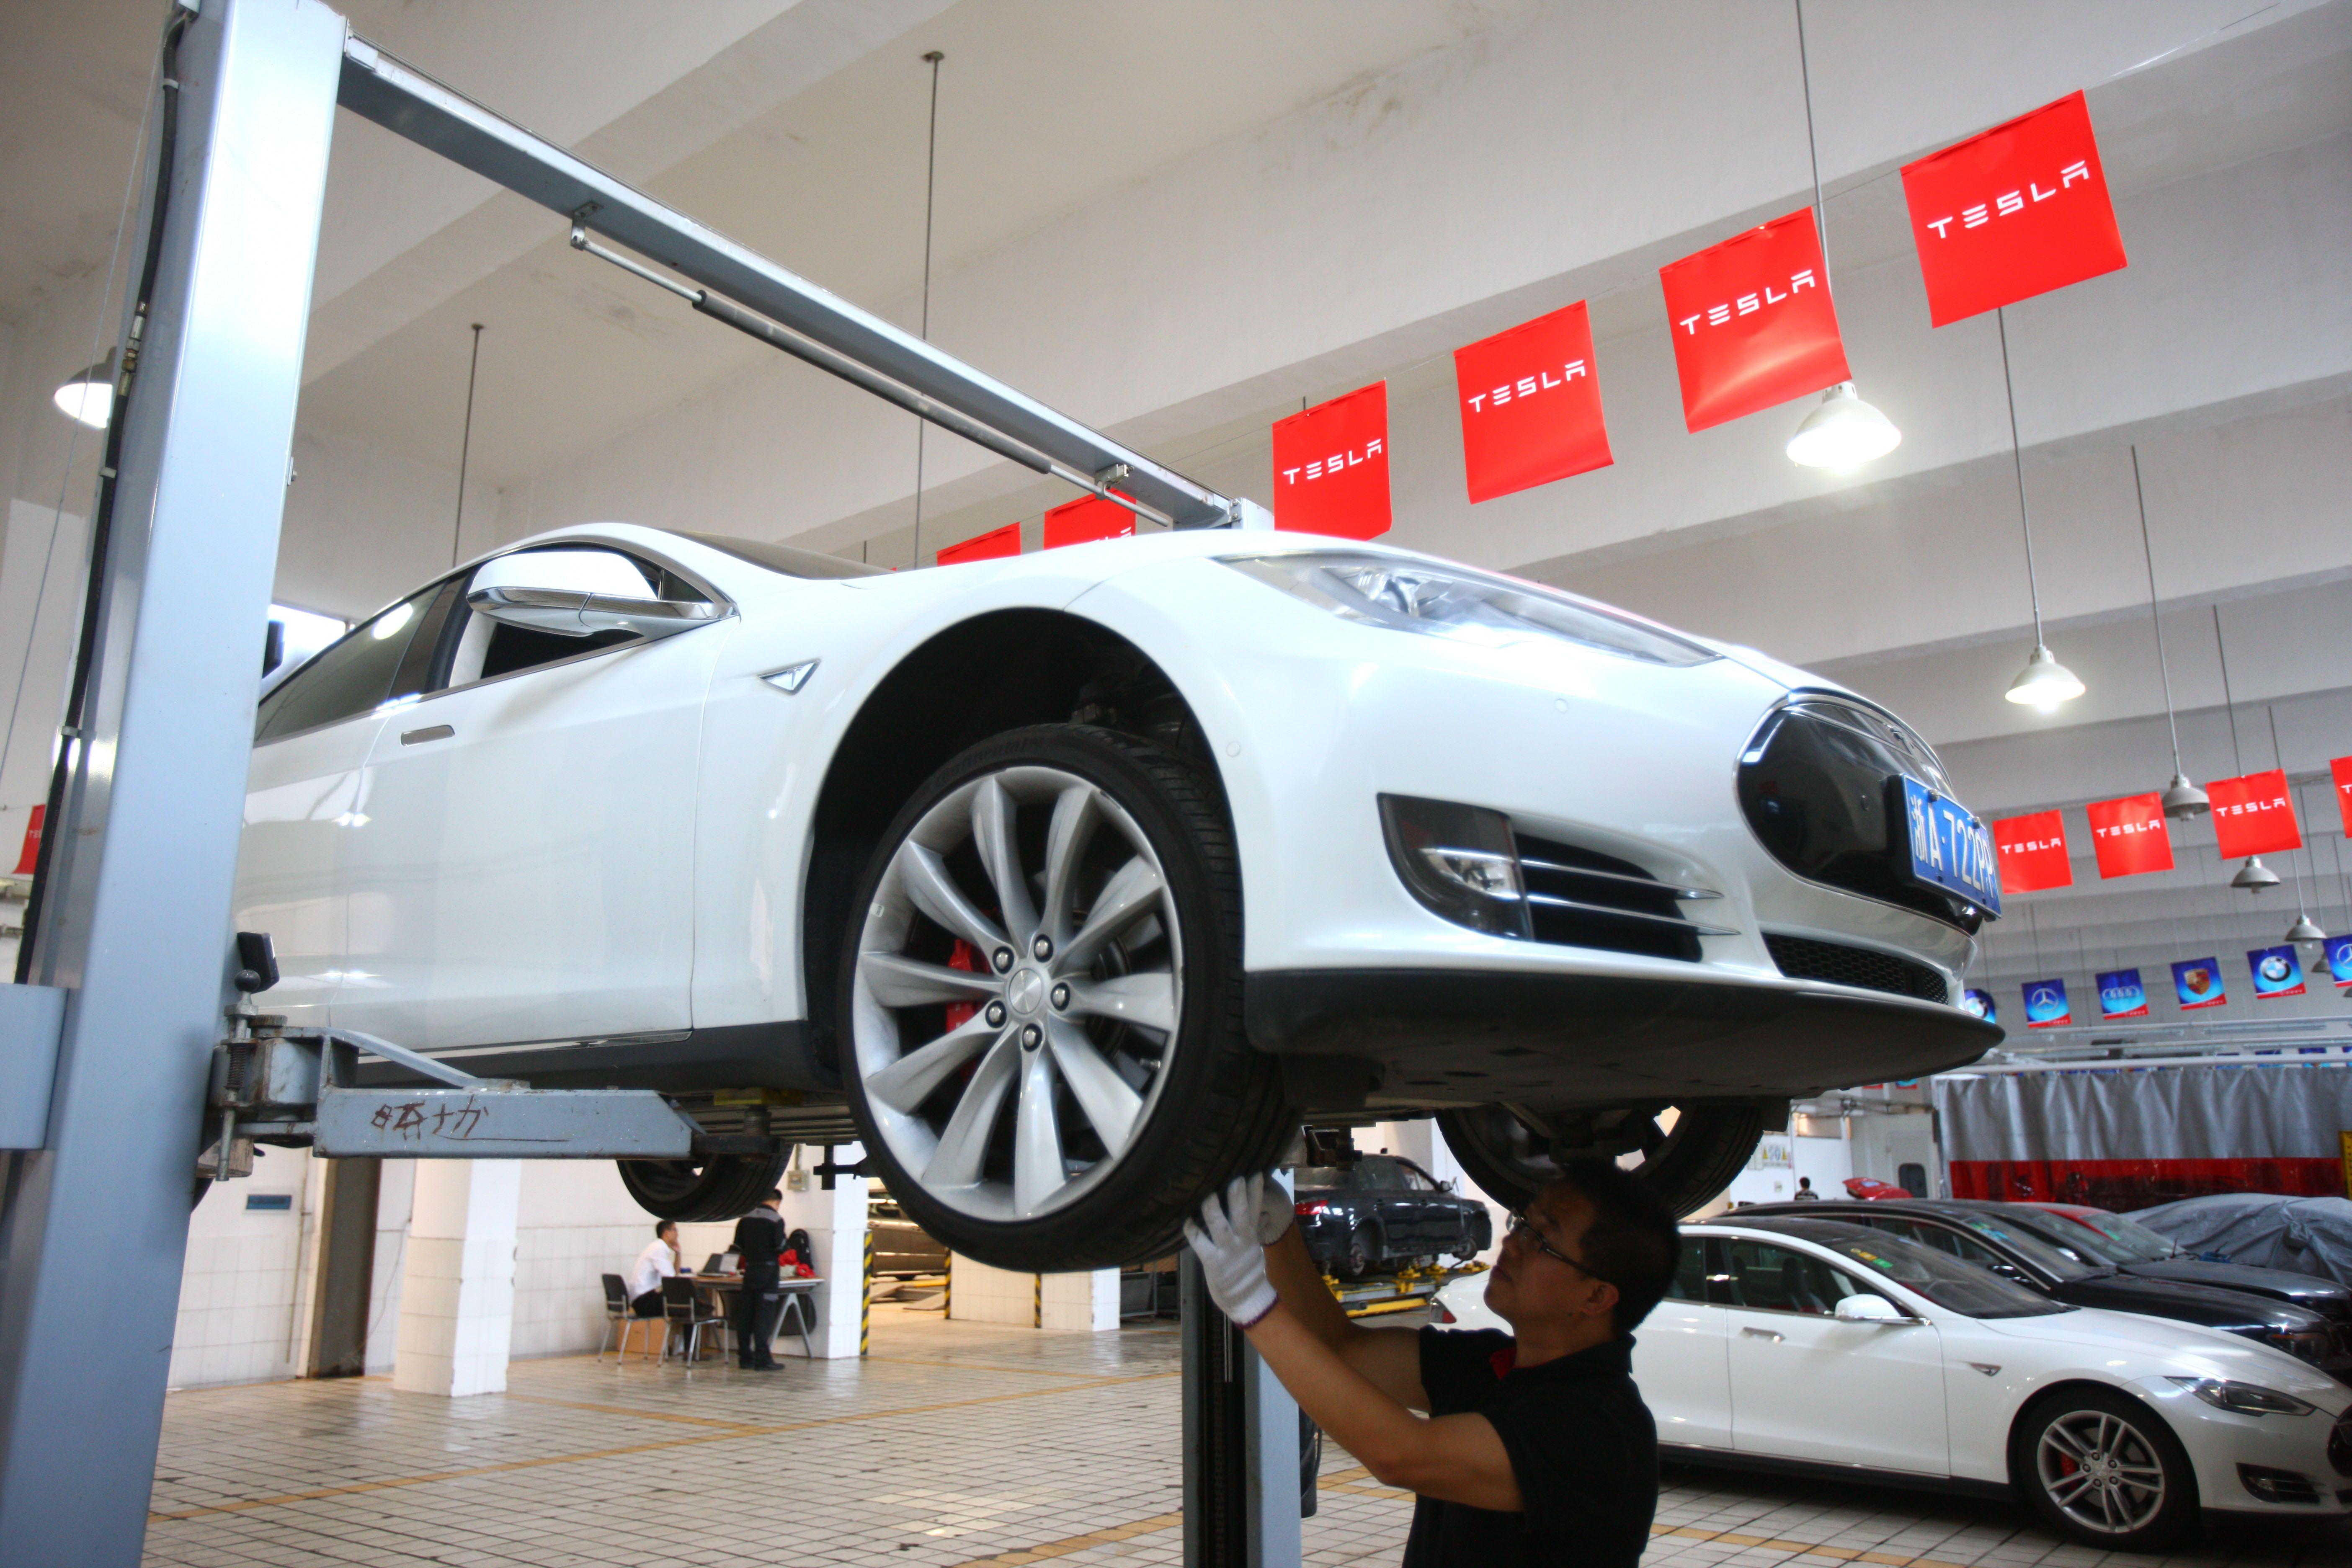 Tesla намерена открыть 100 новых сервисных центров перед выпуском Model 3